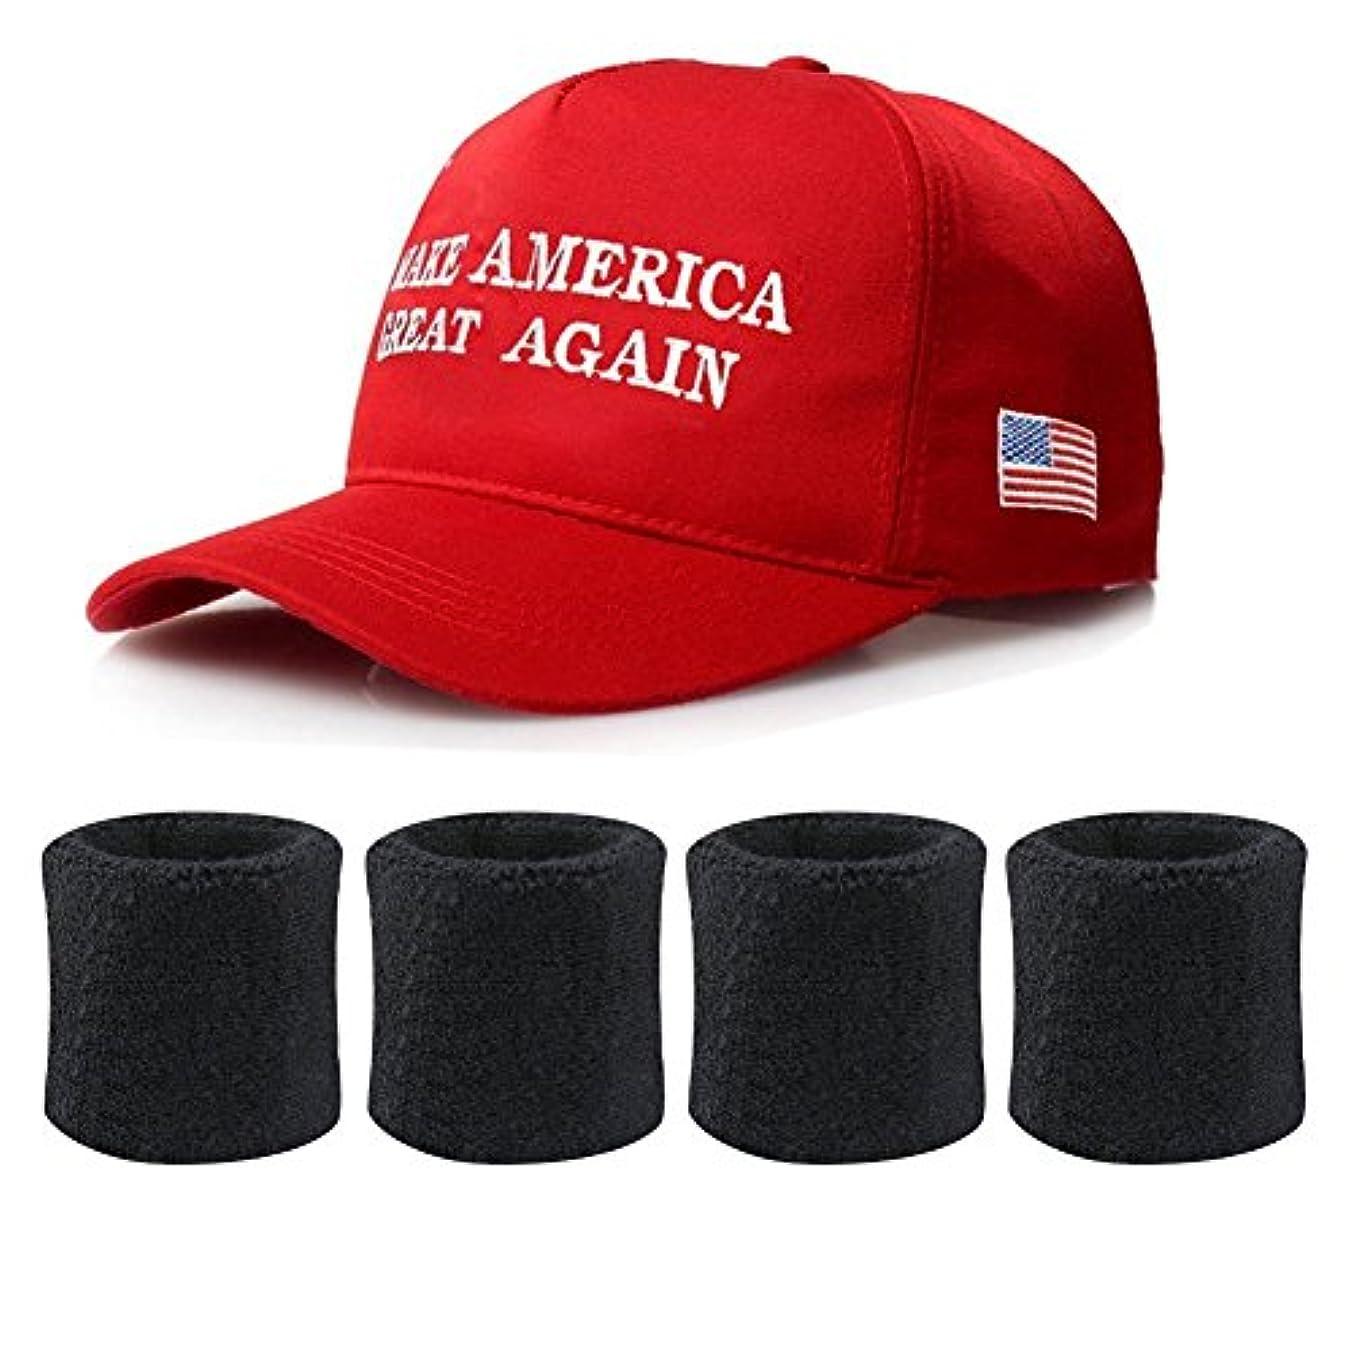 外交問題思慮のない時々時々DINGJIN ドナルド?トランプ 帽子 1ピース アメリカを再び偉大にする 刺繍入り ベースボールキャップ 帽子 2ペア ブラック スウェットバンド リストバンド アウトドアスポーツ用